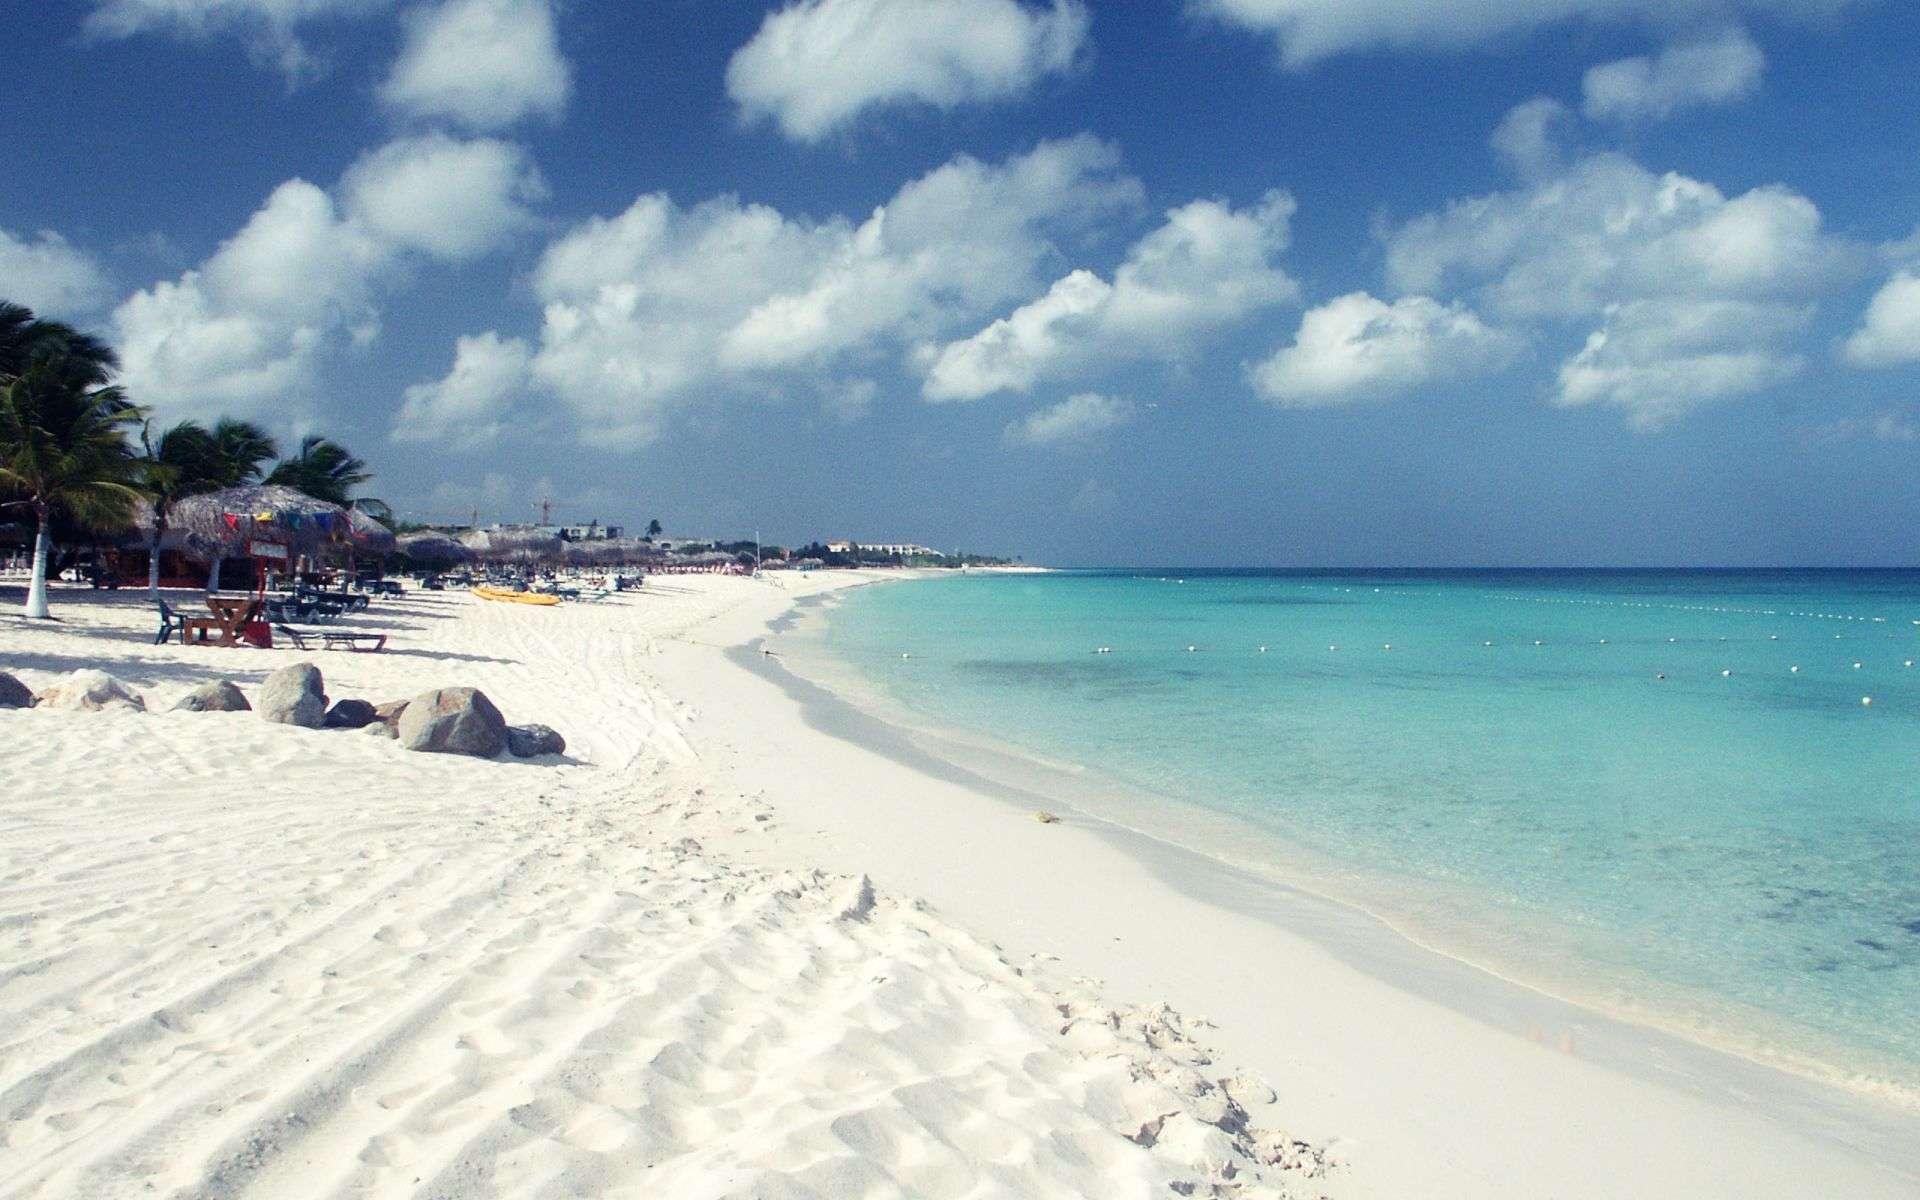 Bãi cát trắng tinhbao quanh làn nước xanh trong suốt tuyệt đẹp